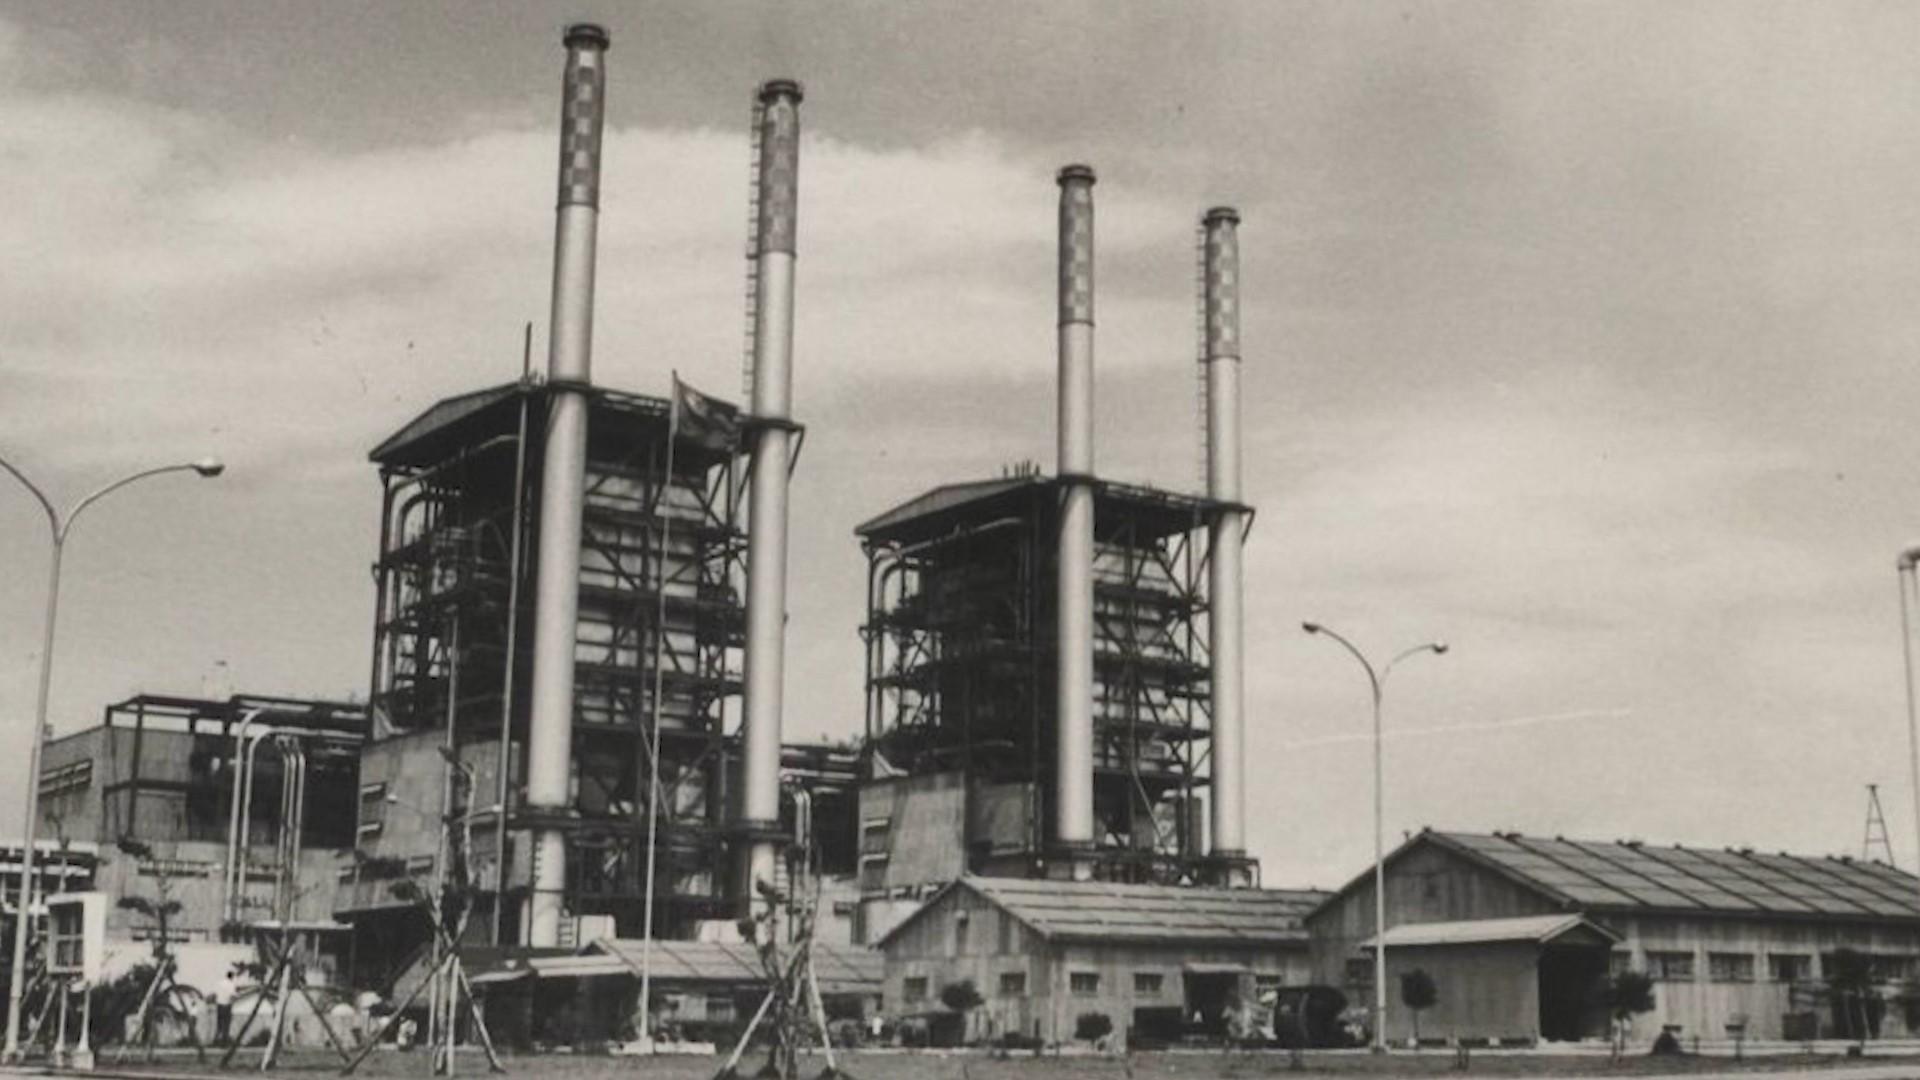 高雄港:大林發電廠於1969年第一號蒸氣機組正式商轉。1970年併聯第二號蒸氣機組供電。